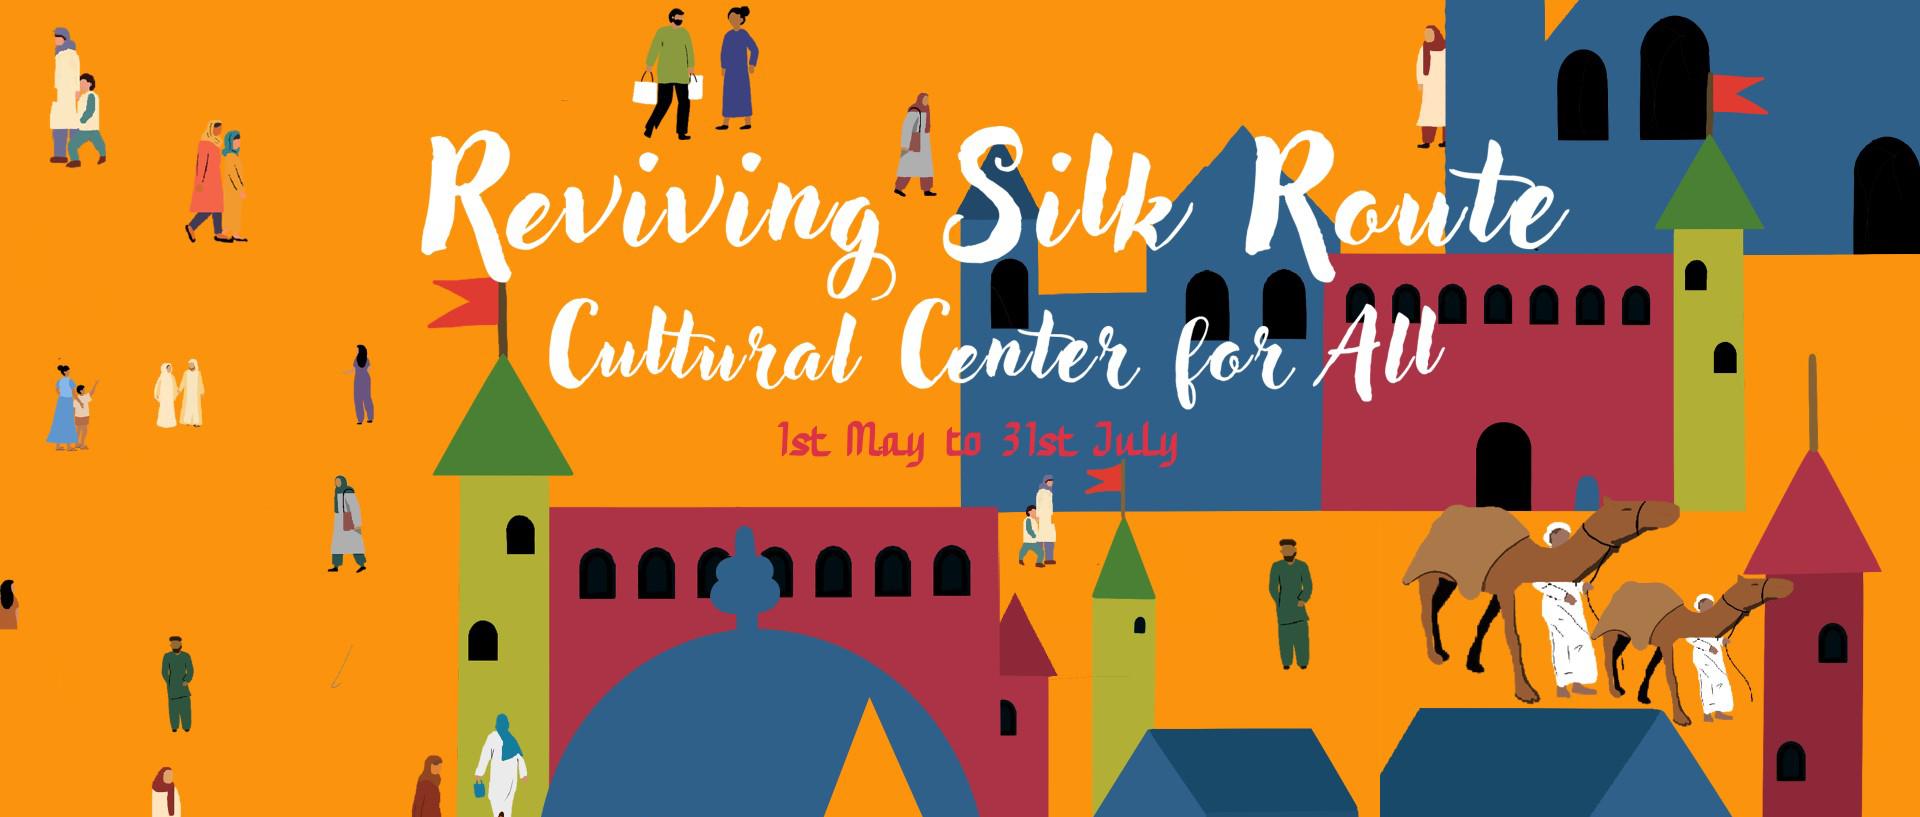 重塑丝绸之路:全民文化中心设计竞赛